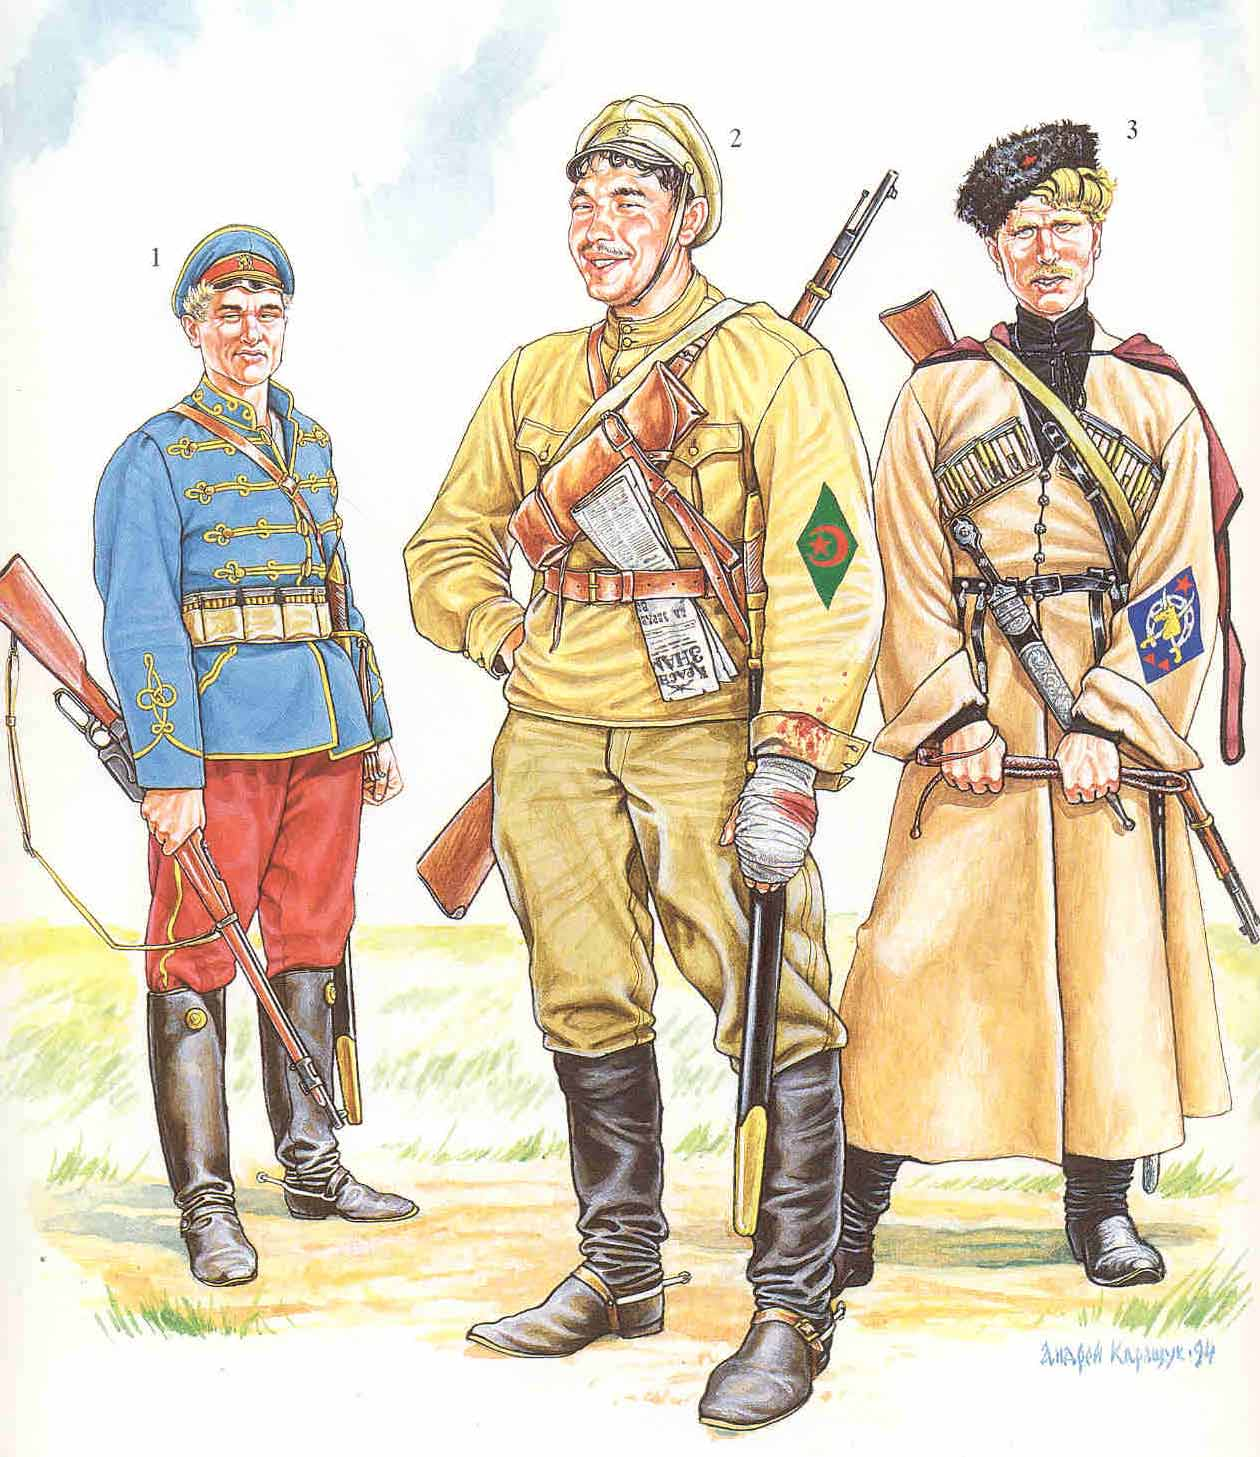 Mundury kozackie, przekazane Rosjanom przez stronę polską